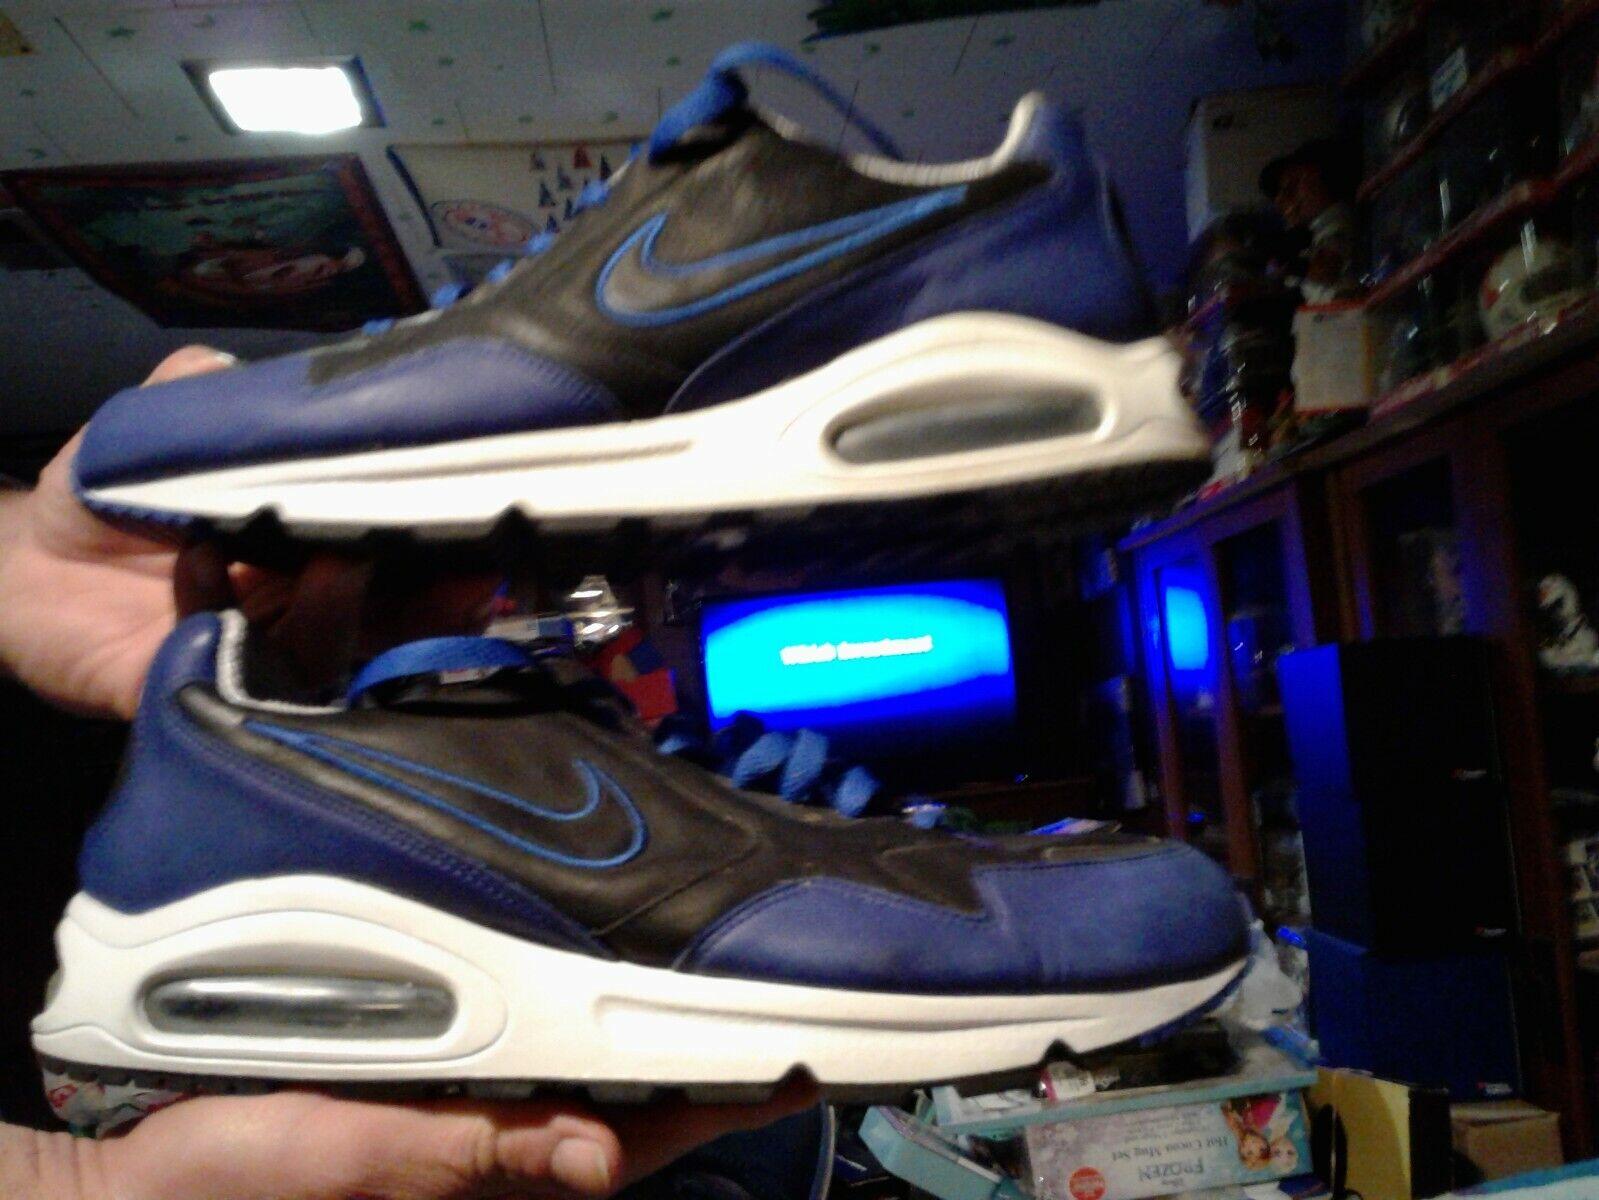 2007 - nike nike nike air max mens nero internazionale / blue 10,5 scarpe nuove di zecca wow guarda | Up-to-date Stile  | Del Nuovo Di Arrivo  | Spaccio  | Uomo/Donne Scarpa  | Uomo/Donna Scarpa  | Uomo/Donna Scarpa  48aefe